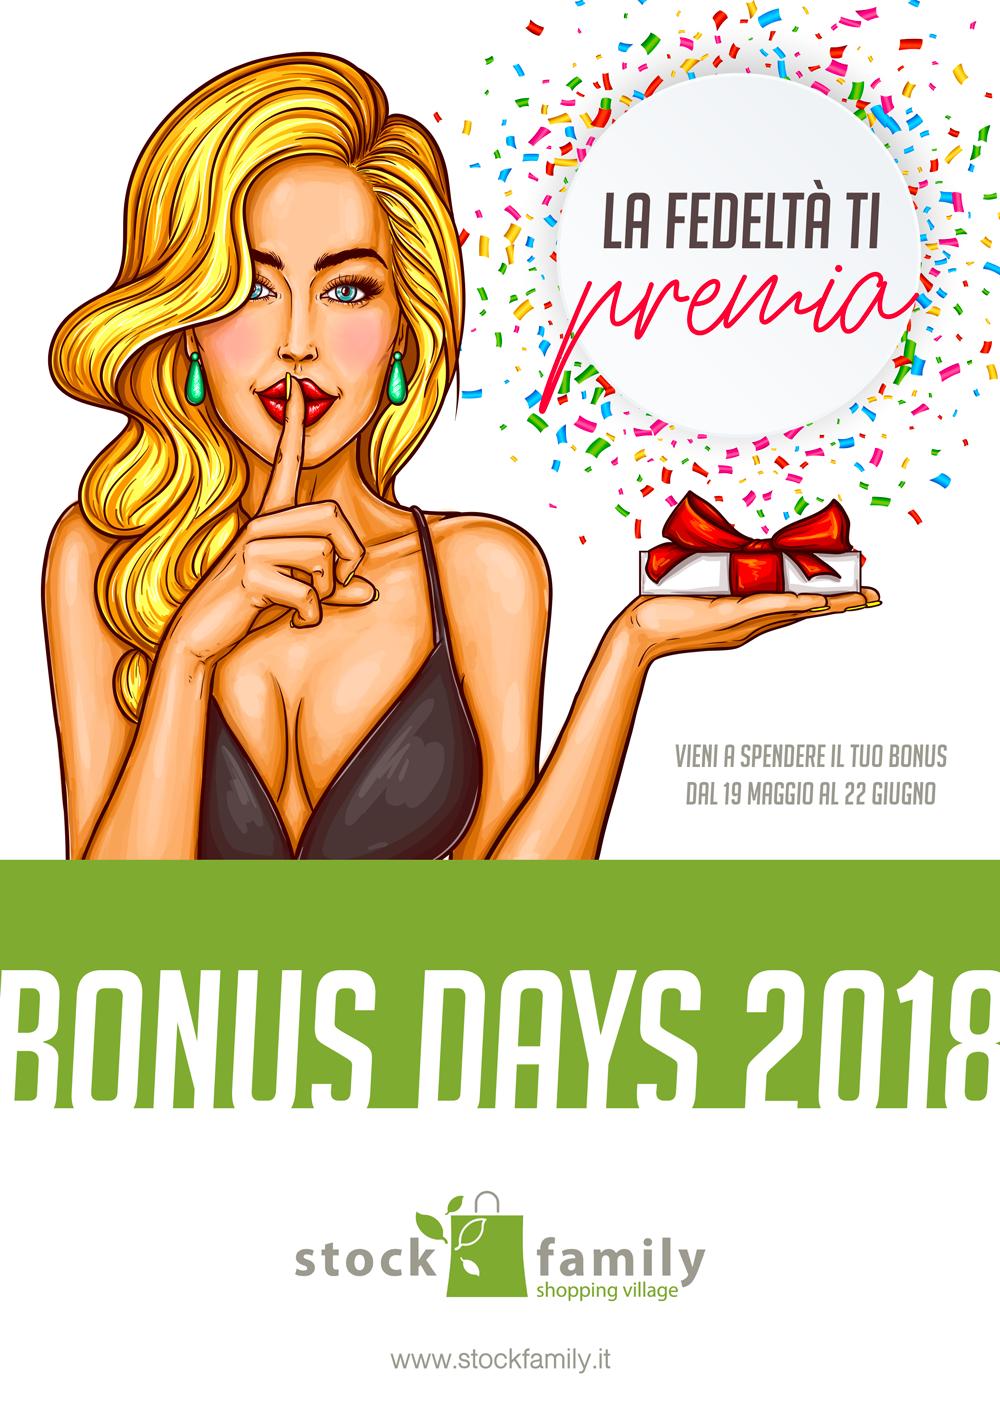 Bonus Day 2018